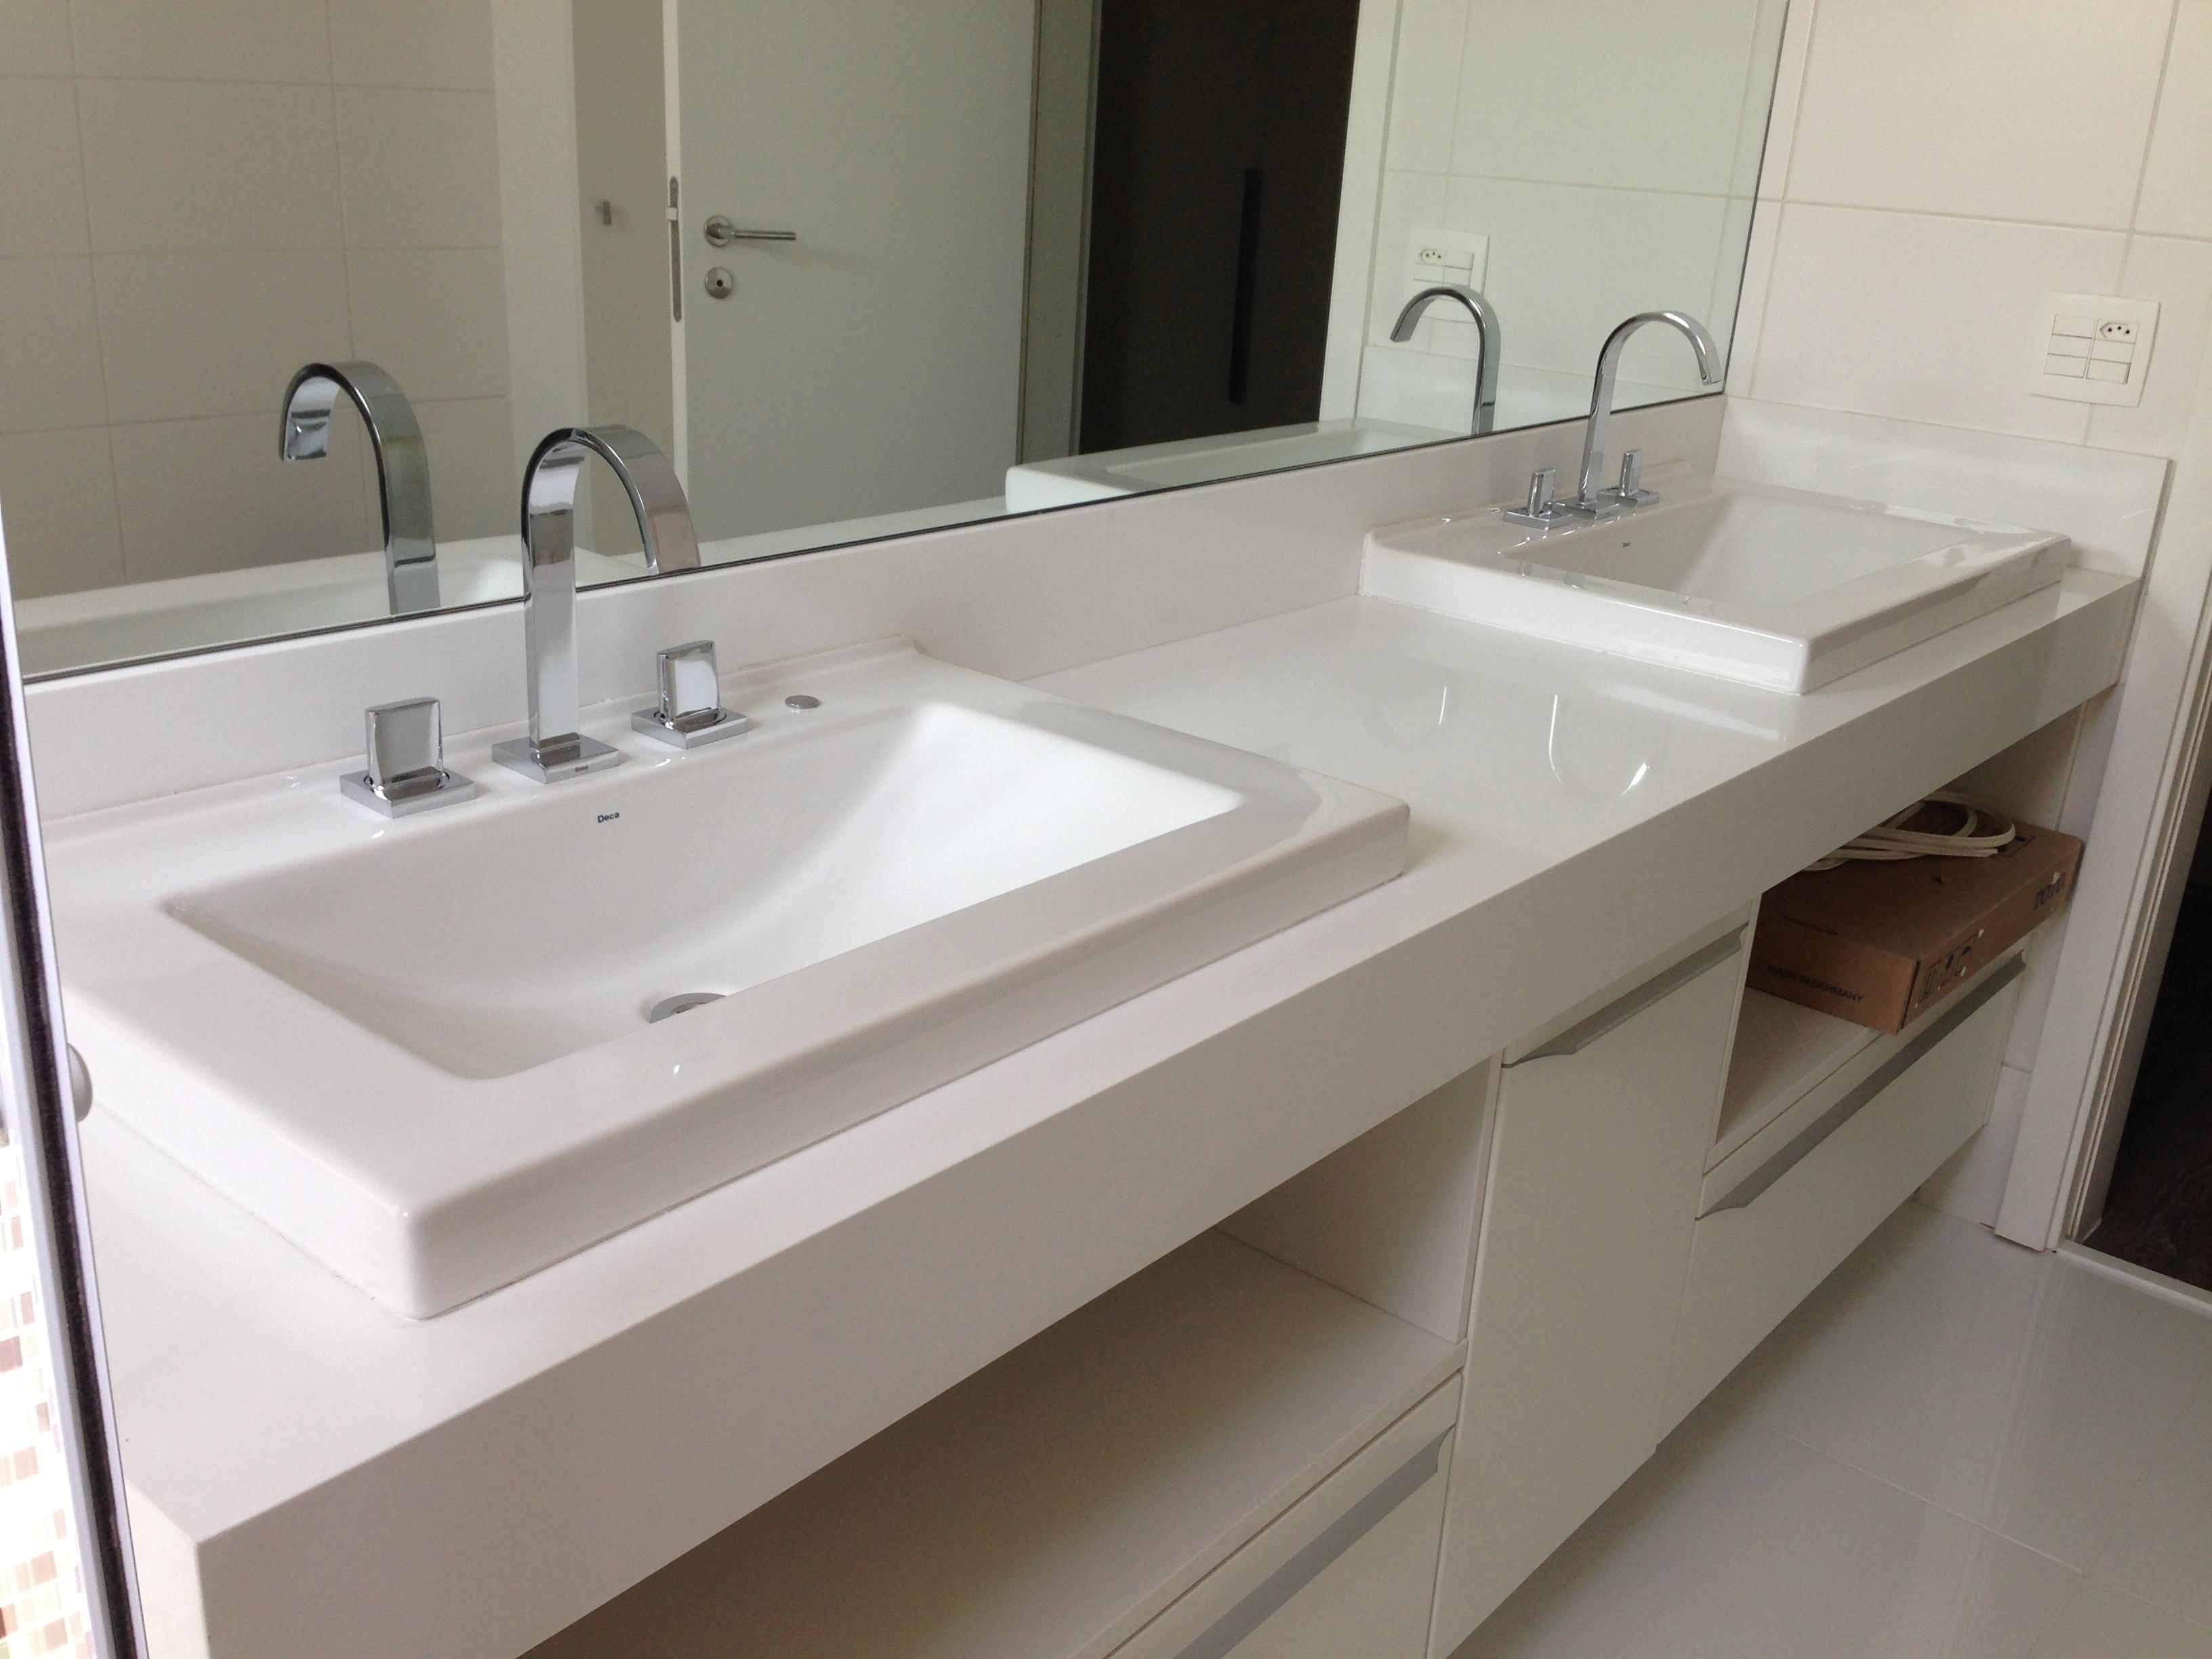 Home granitos Granito Branco e dicas de Decoração #5C4D3B 3264x2448 Banheiro Com Granito Branco